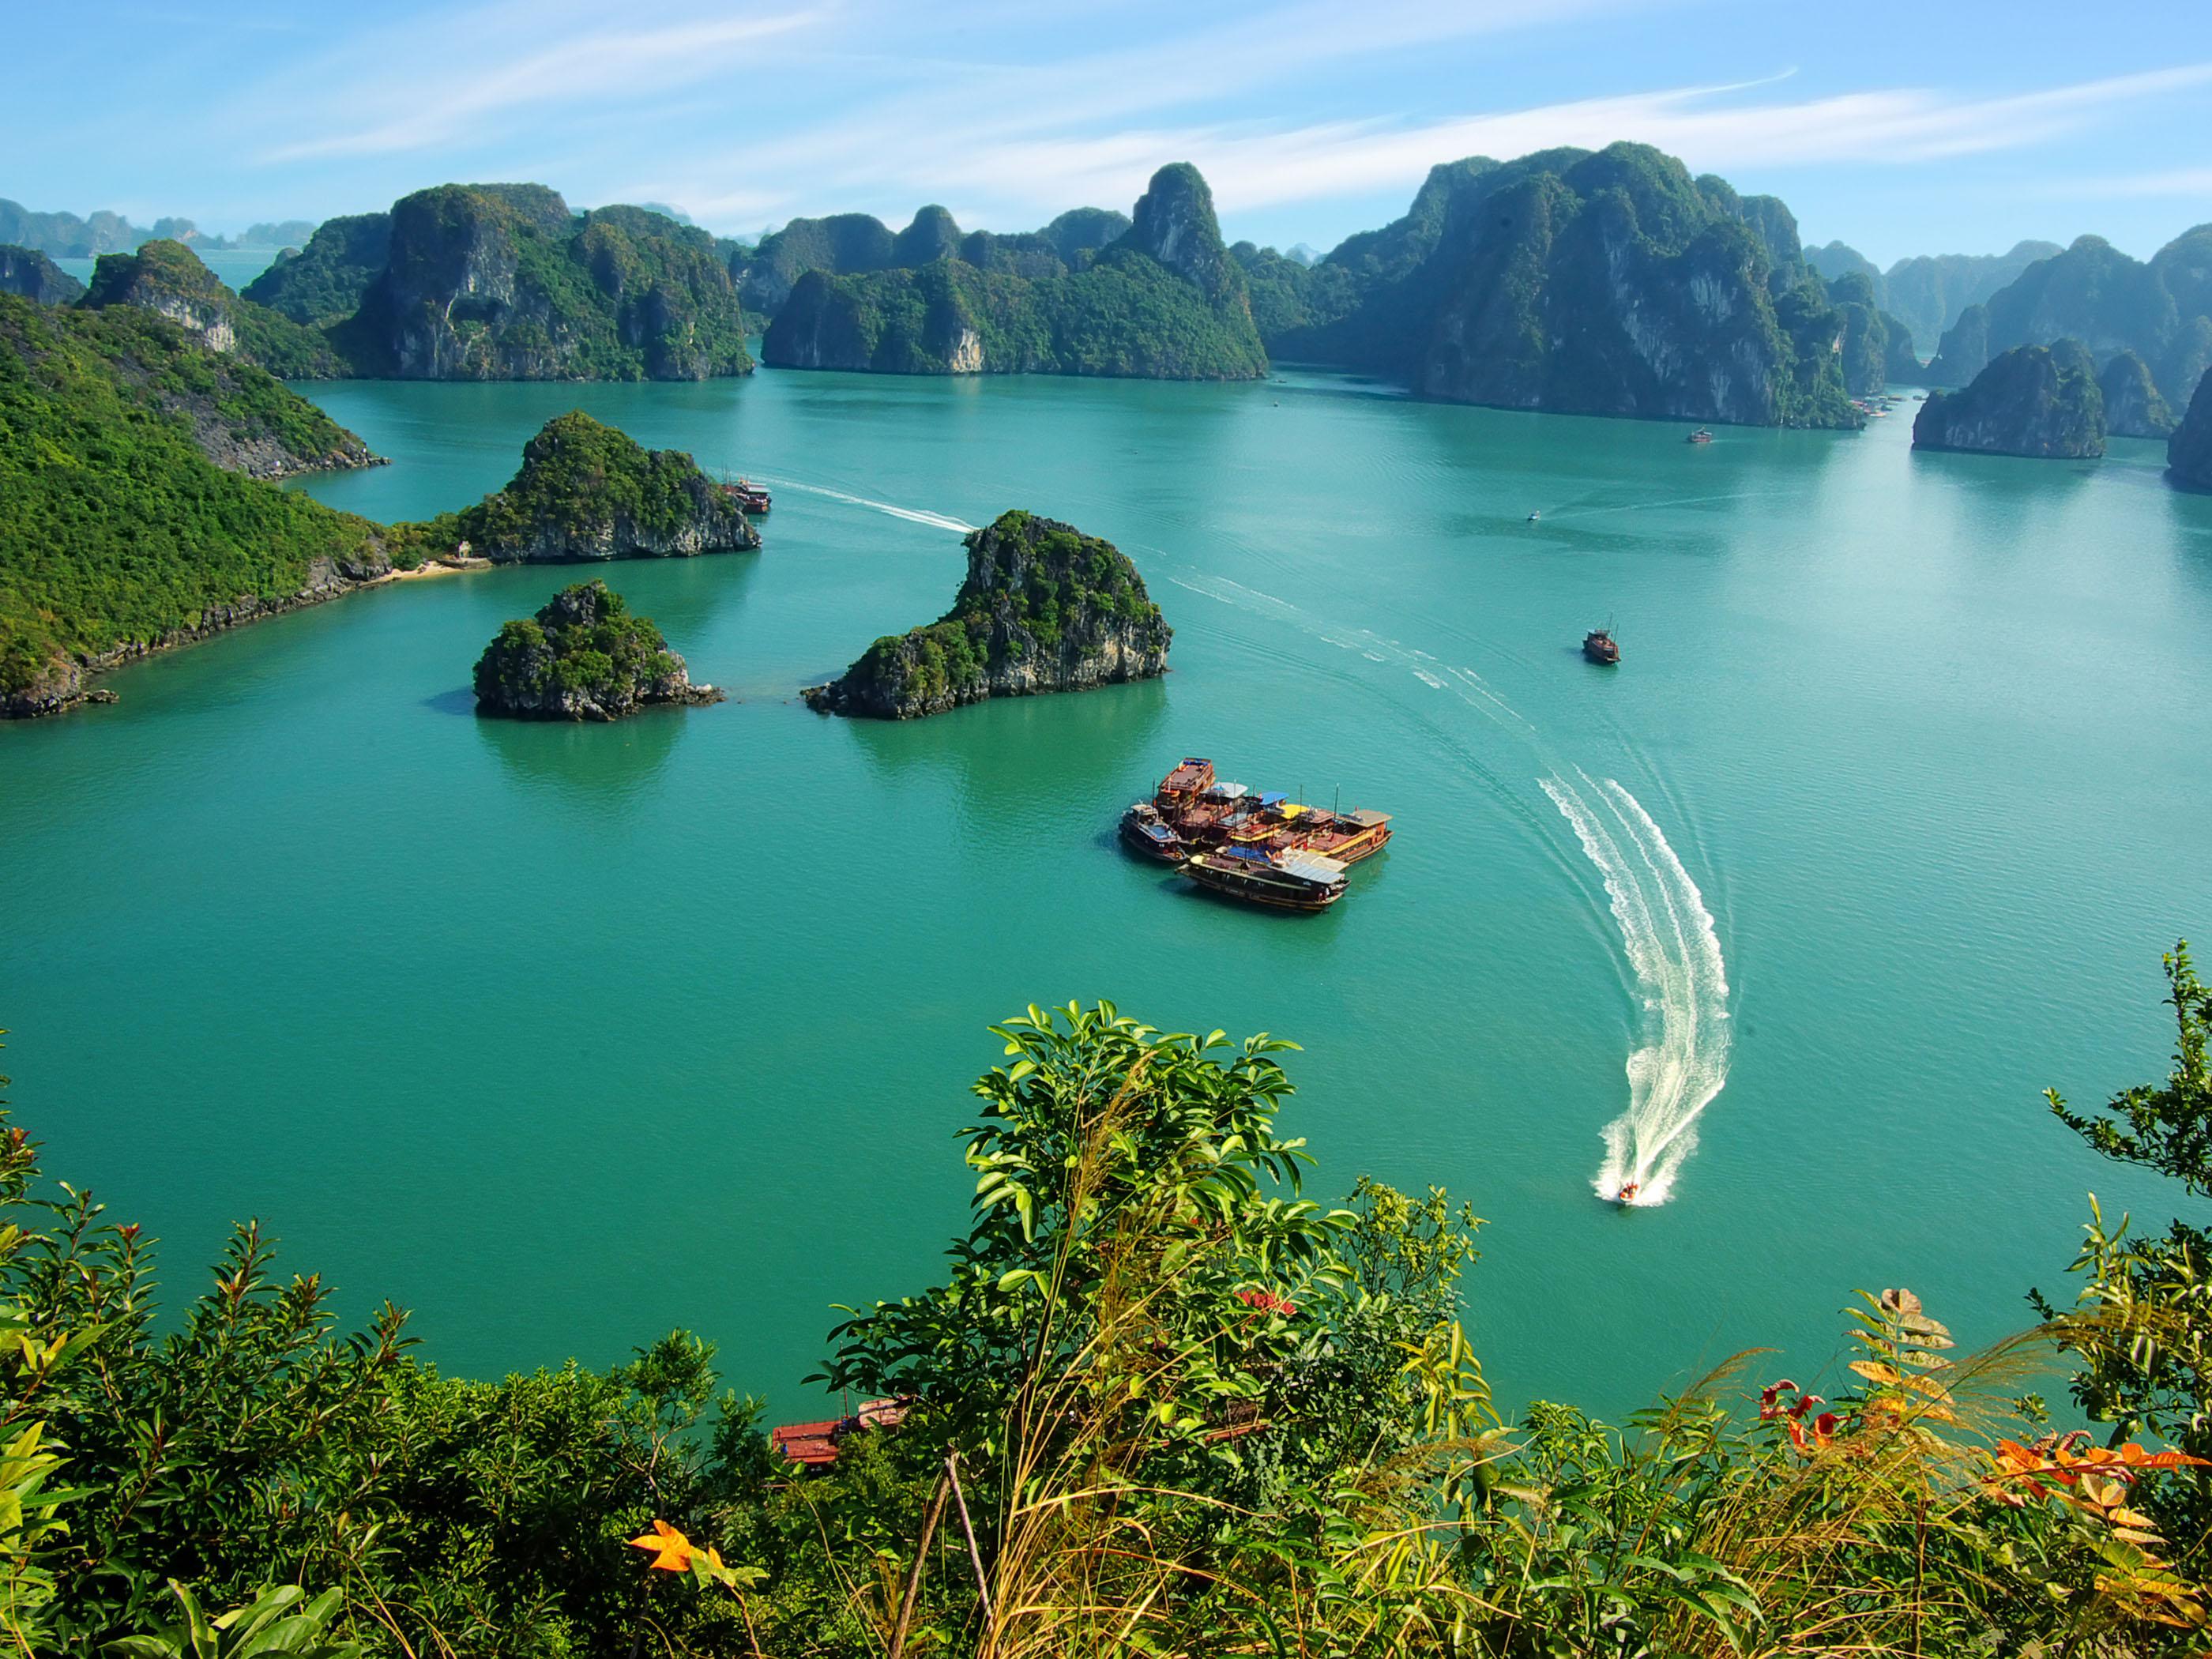 Vịnh Hạ Long được công nhận là 1 trong 7 kỳ quan thiên nhiên thế giới hiện đại